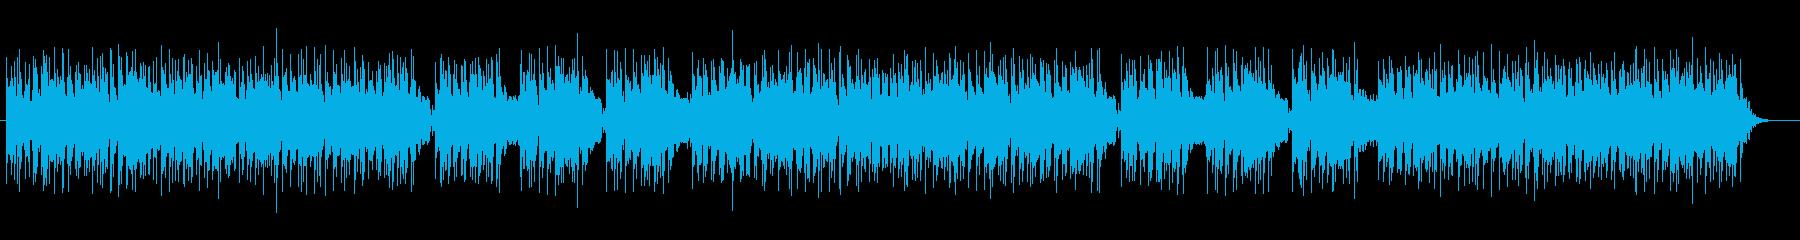 浮遊感のあるテクノの不思議なメロディーの再生済みの波形